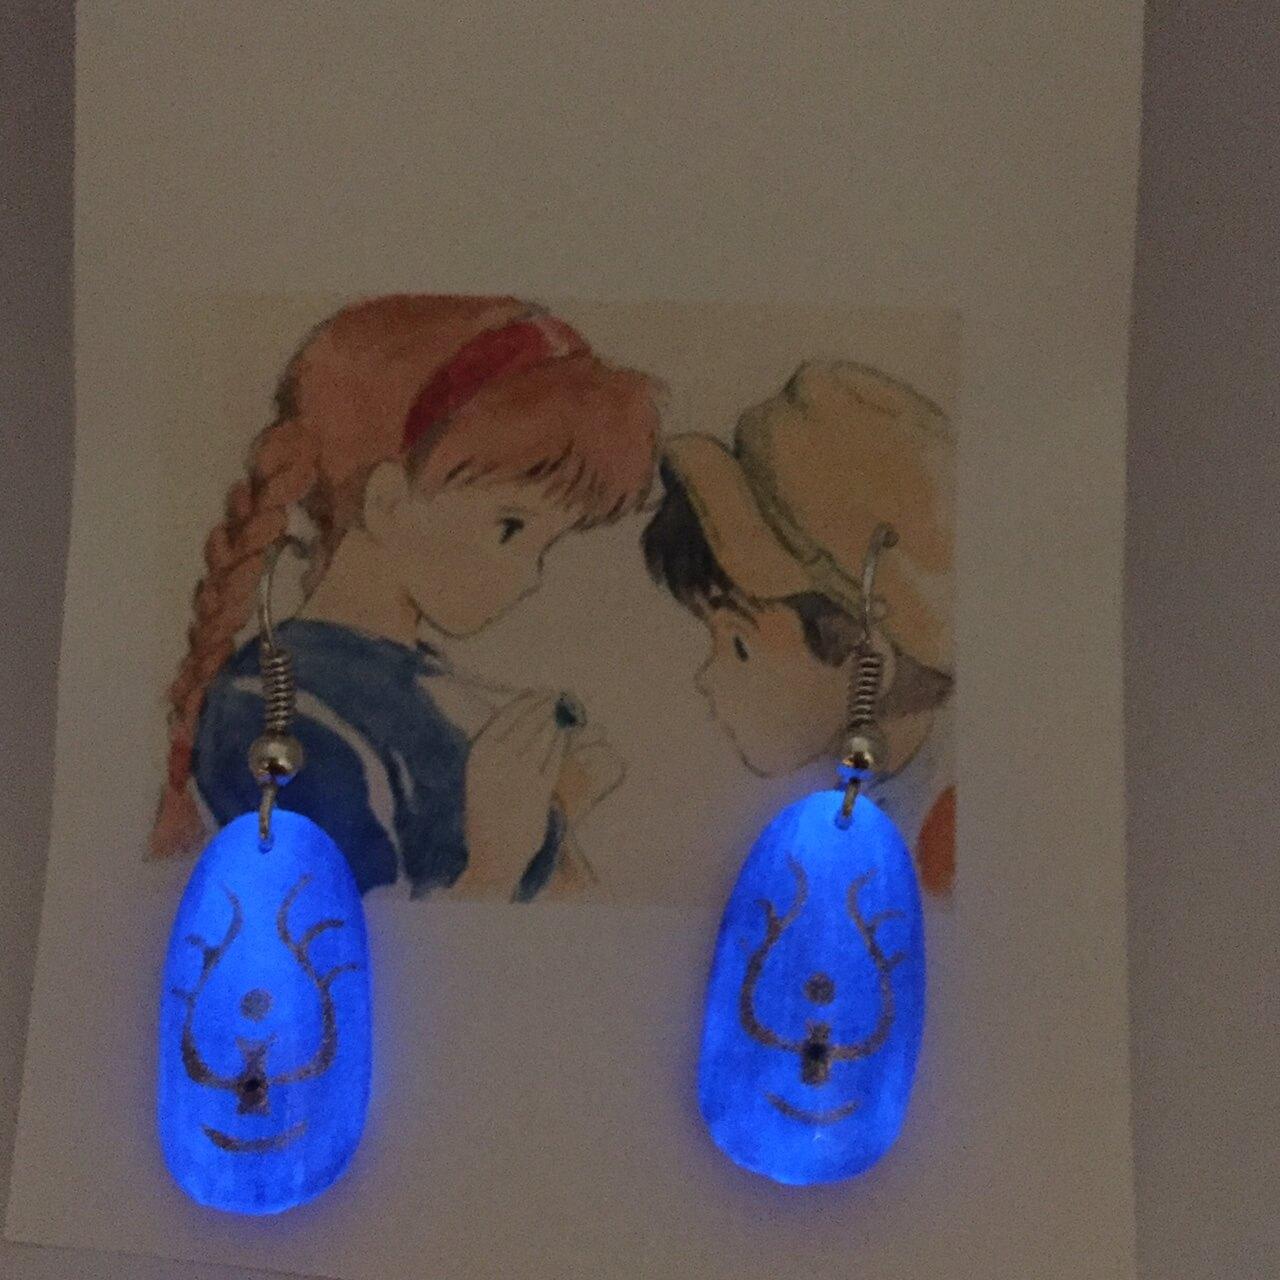 【ラピュタネイル】輝く!飛行石ネイルチップピアス